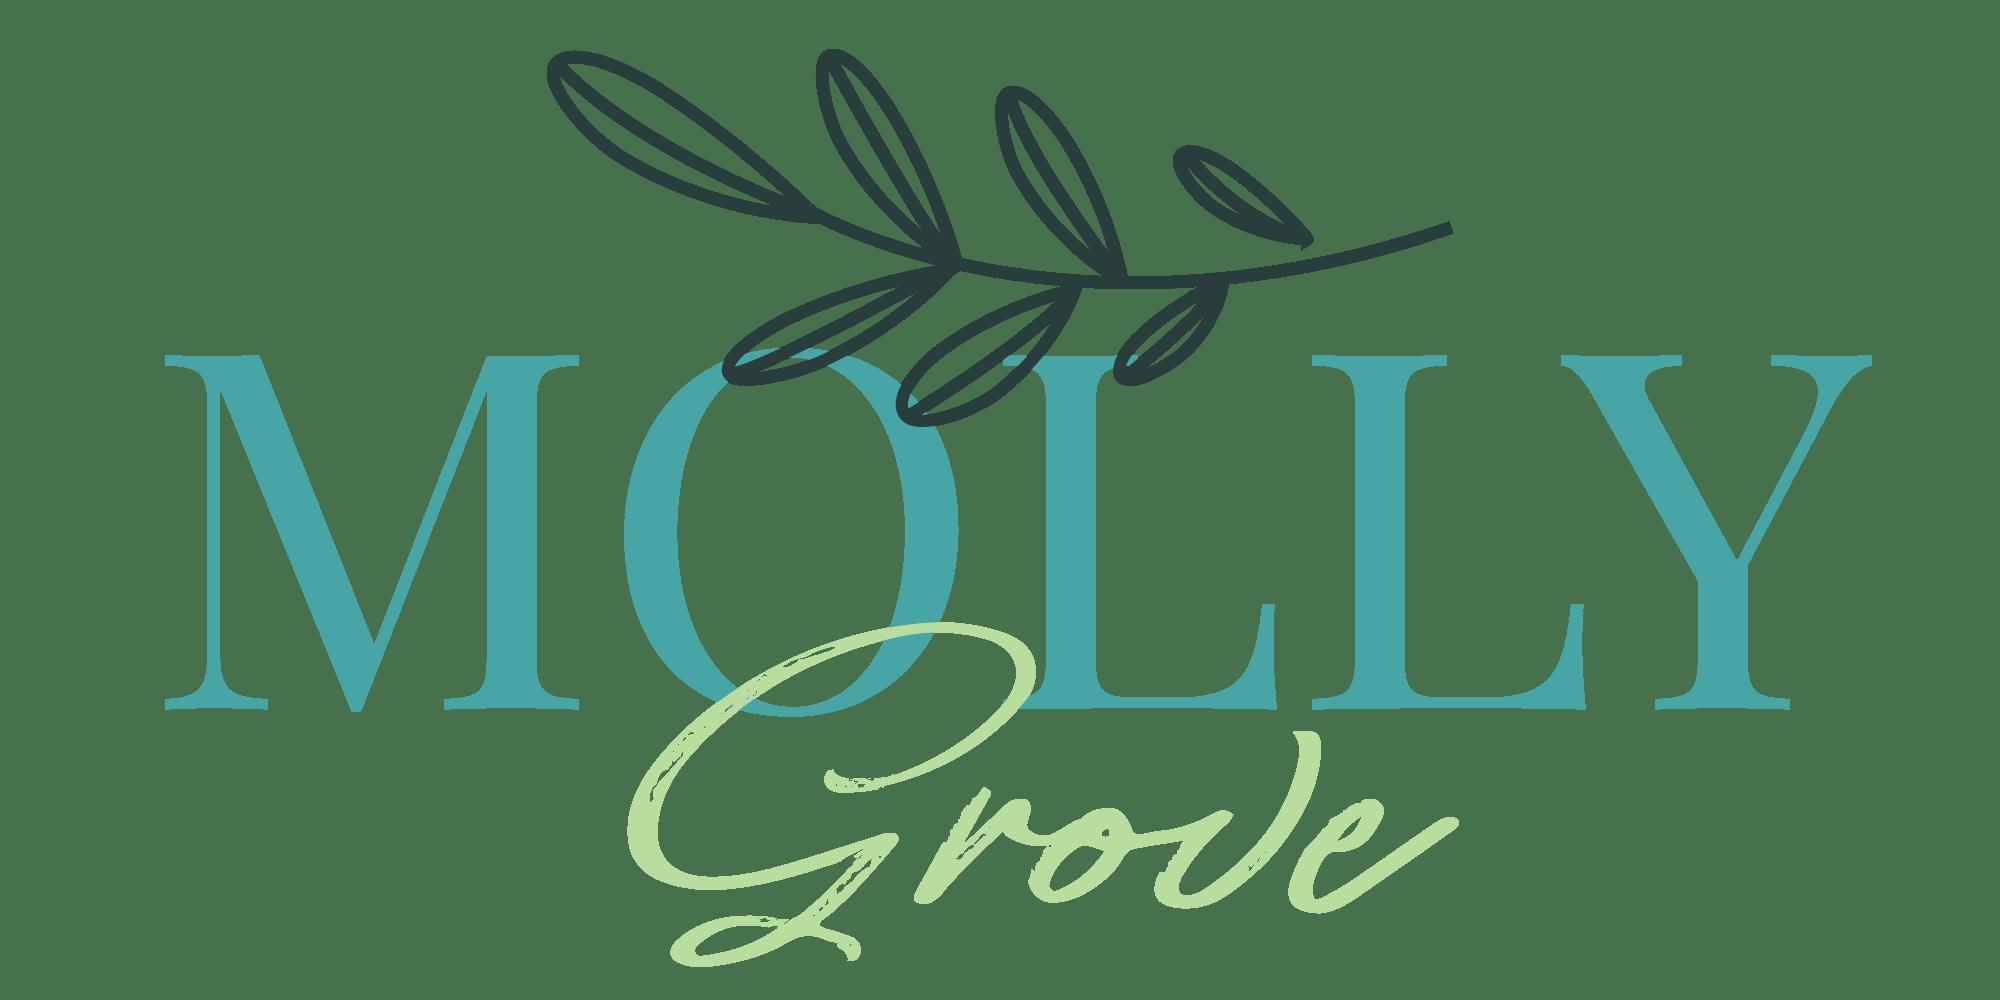 Molly Grove